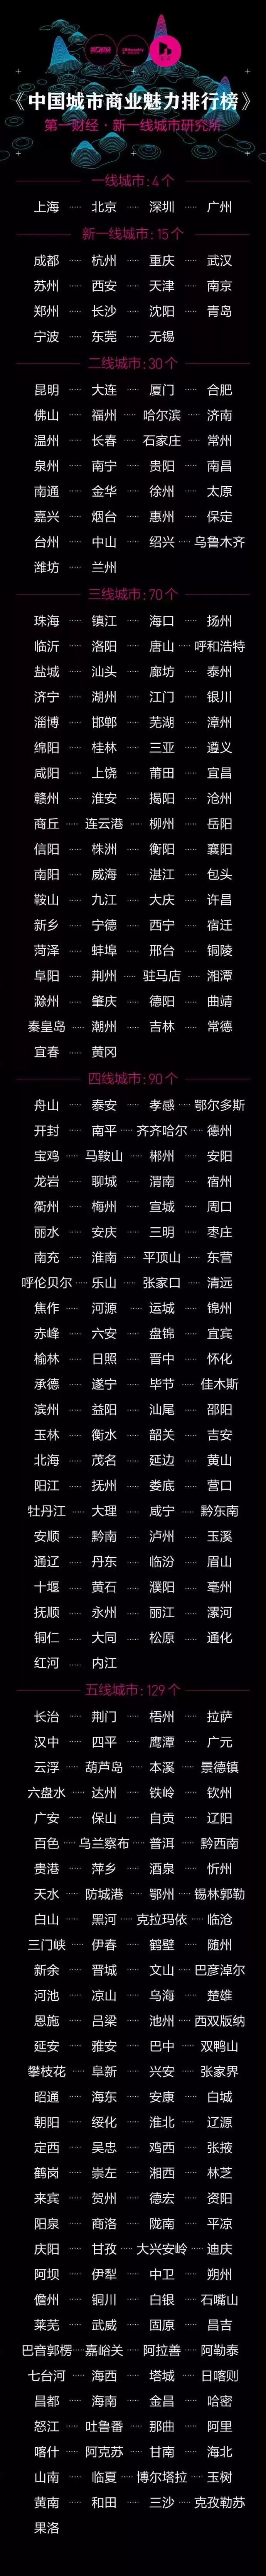 中国都市ランキング2